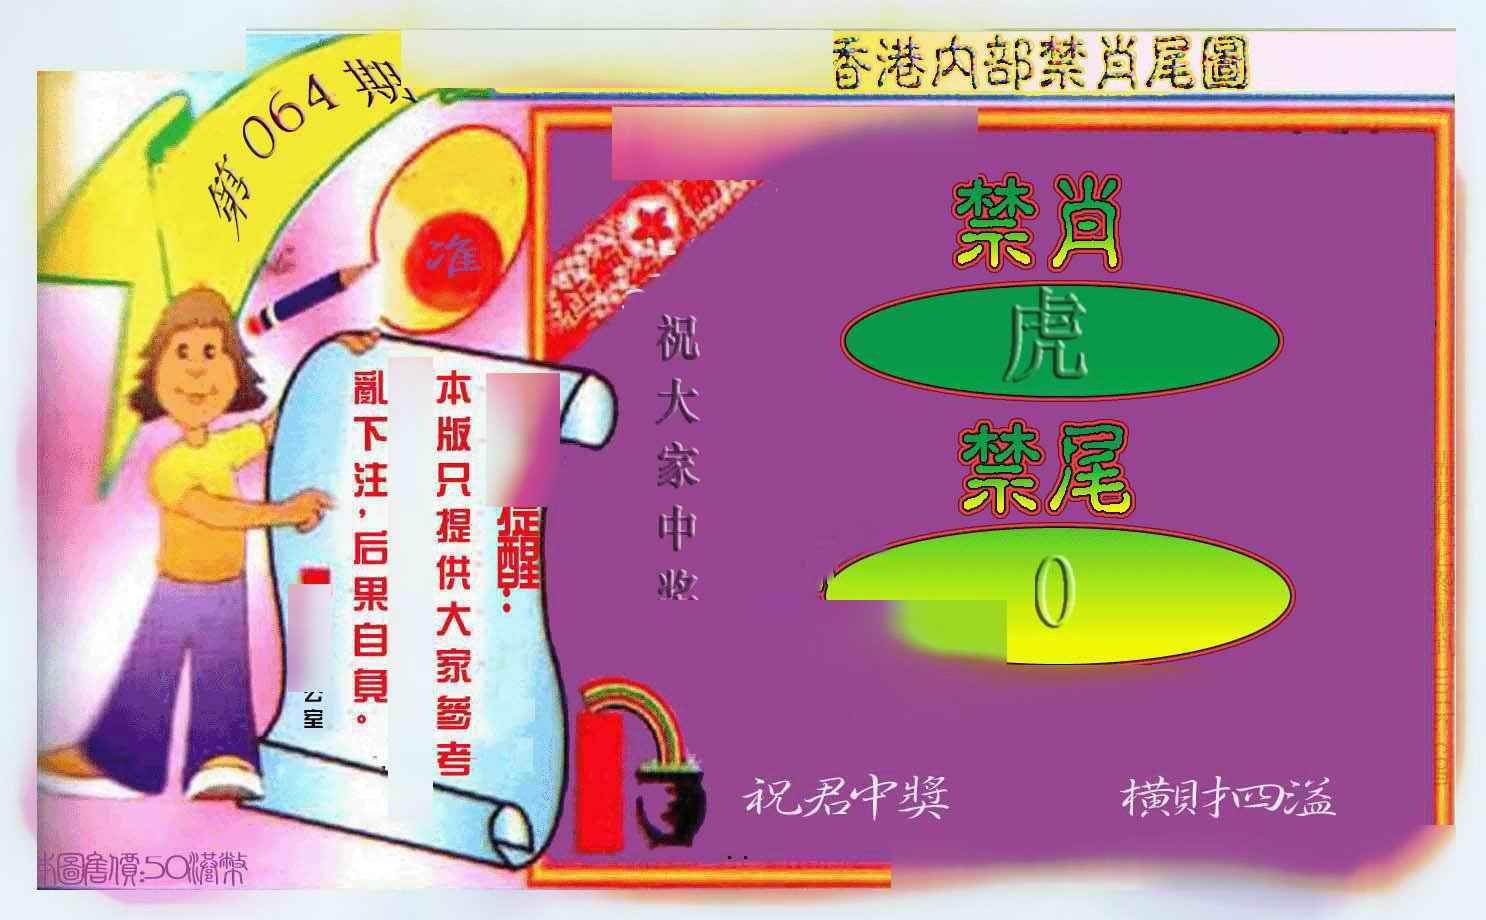 064期禁肖-禁尾图